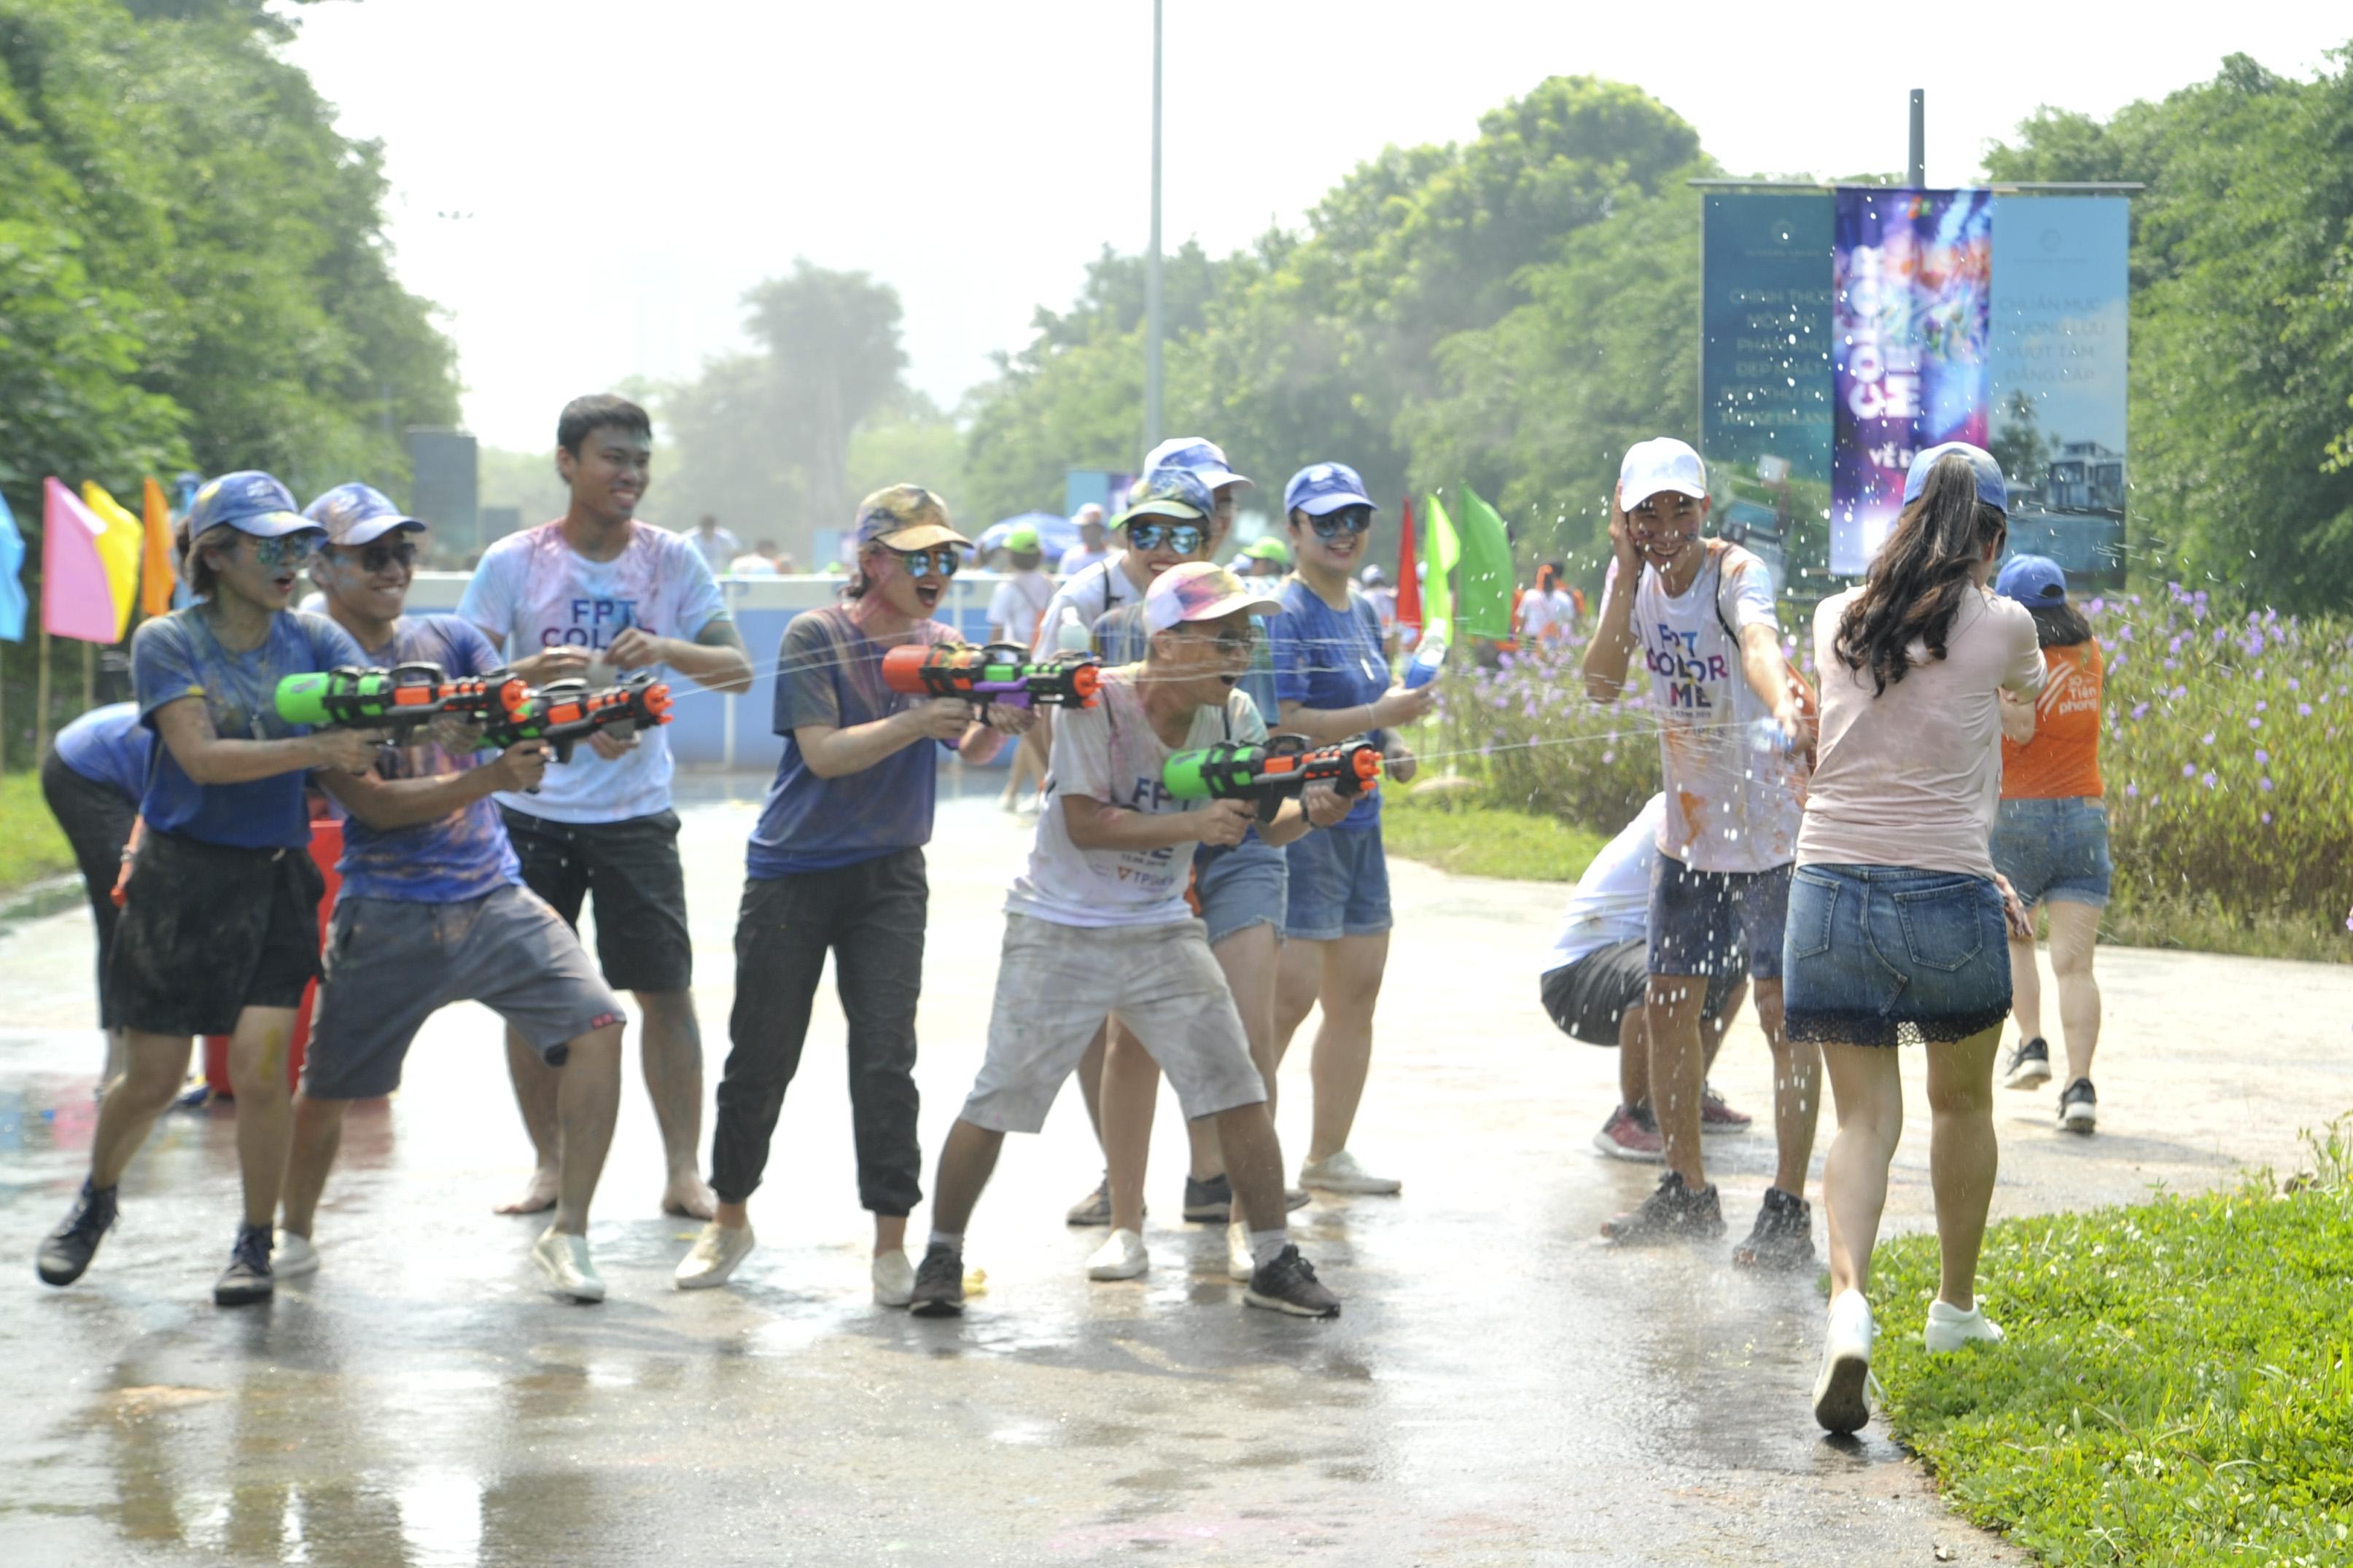 Trước khi chạm vạch đích, ai cũng phải chịu sự công kích của một đội quân súng nước.